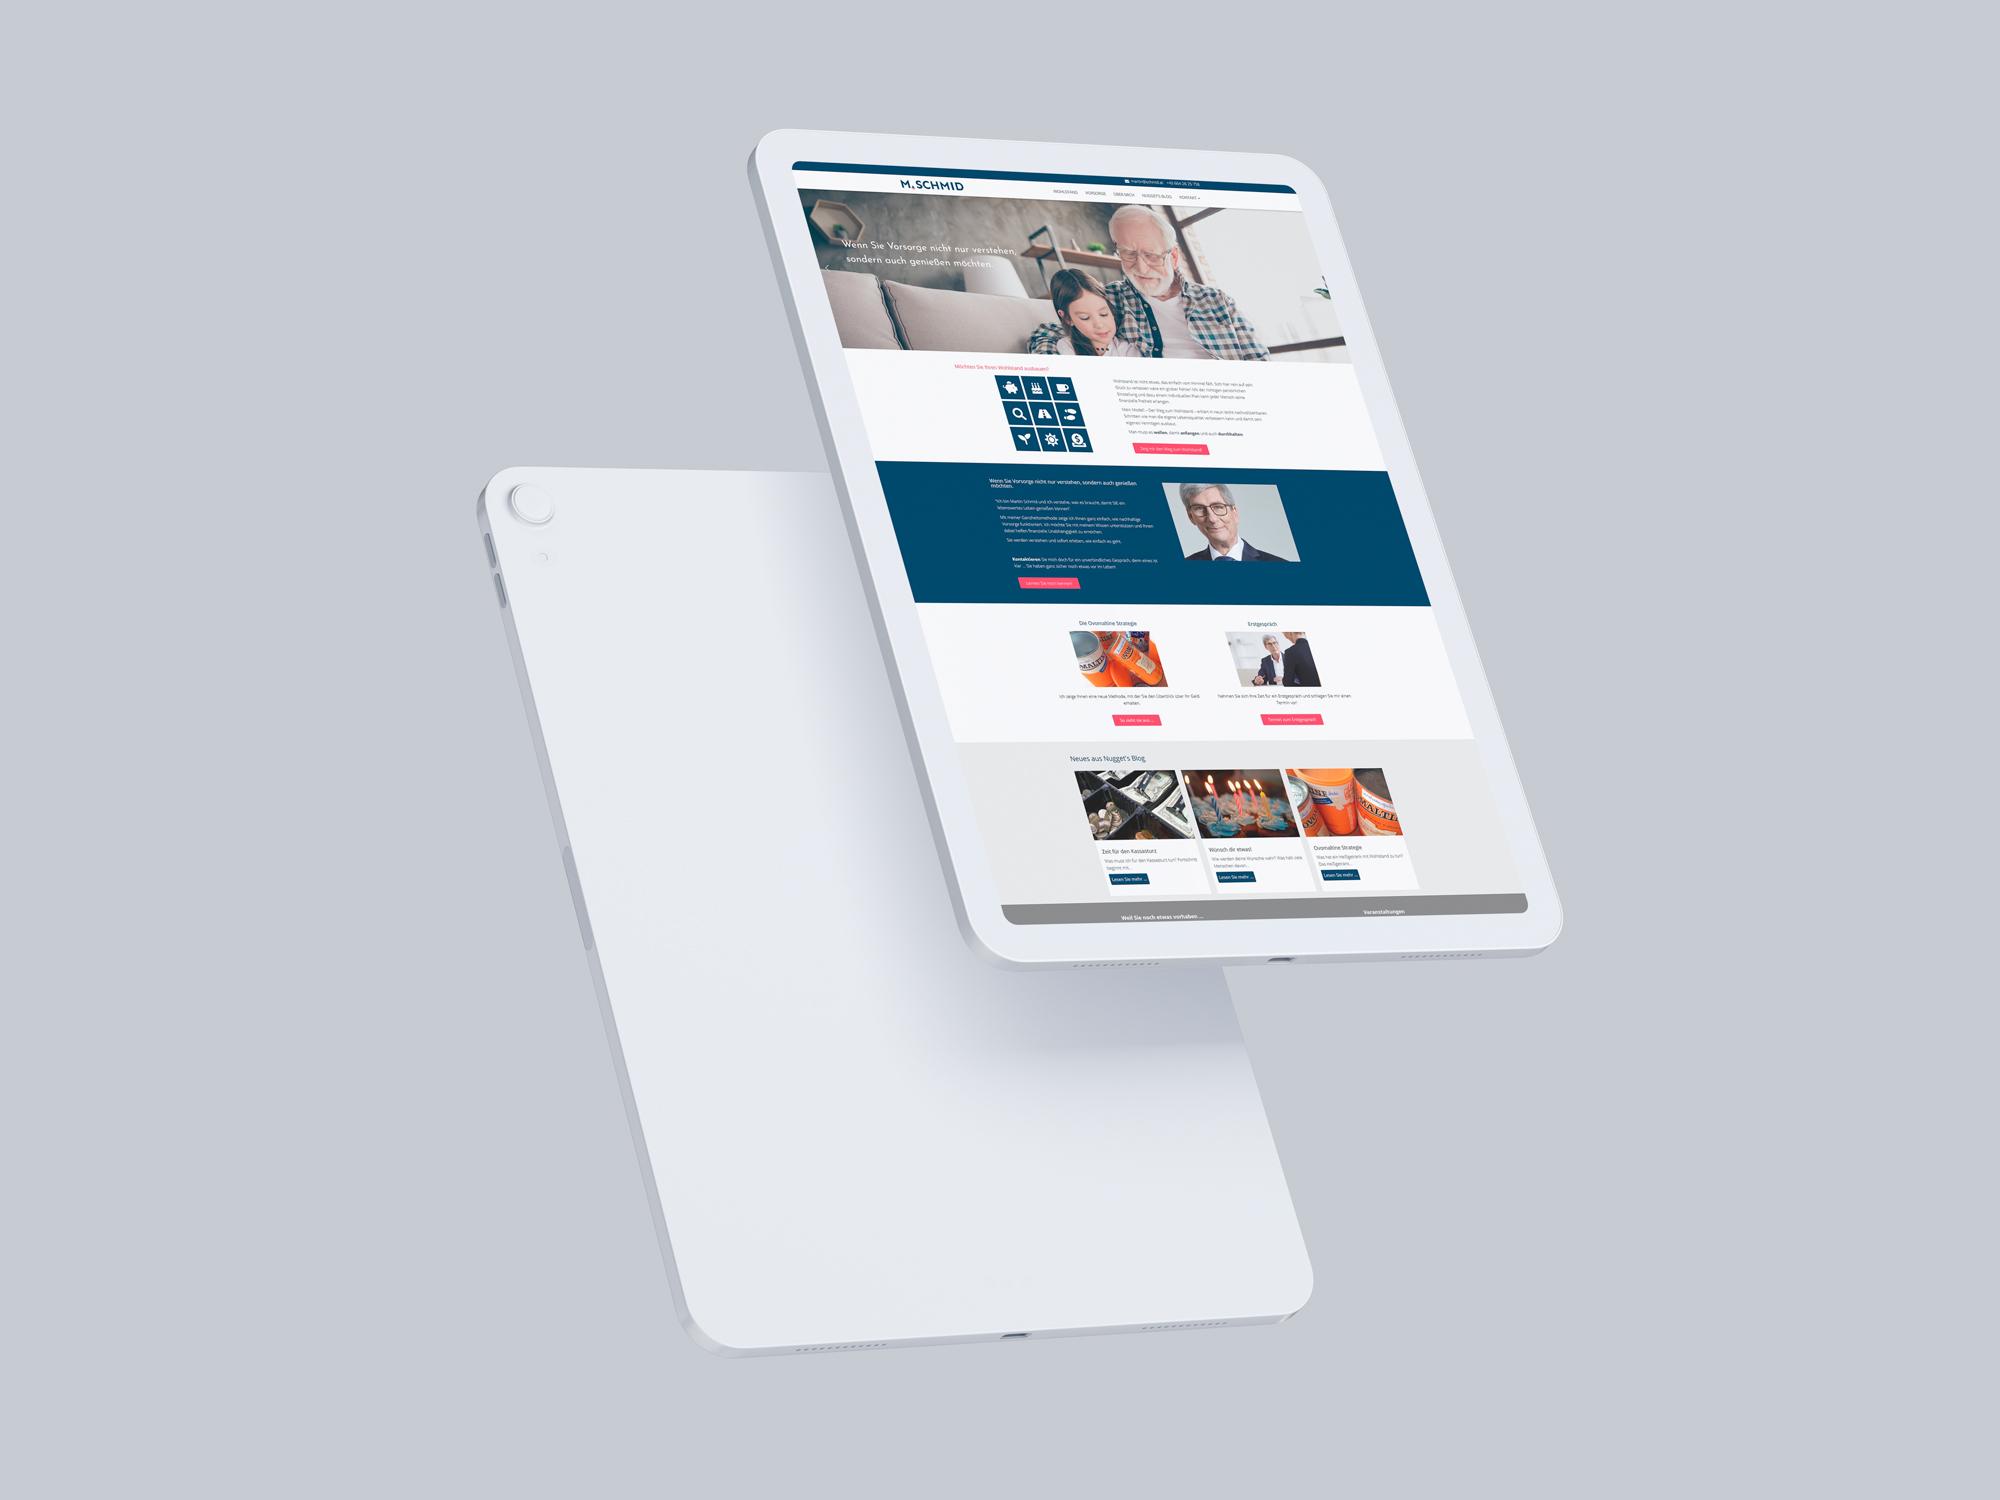 website_M.SCHMID_vorsorge_tablet